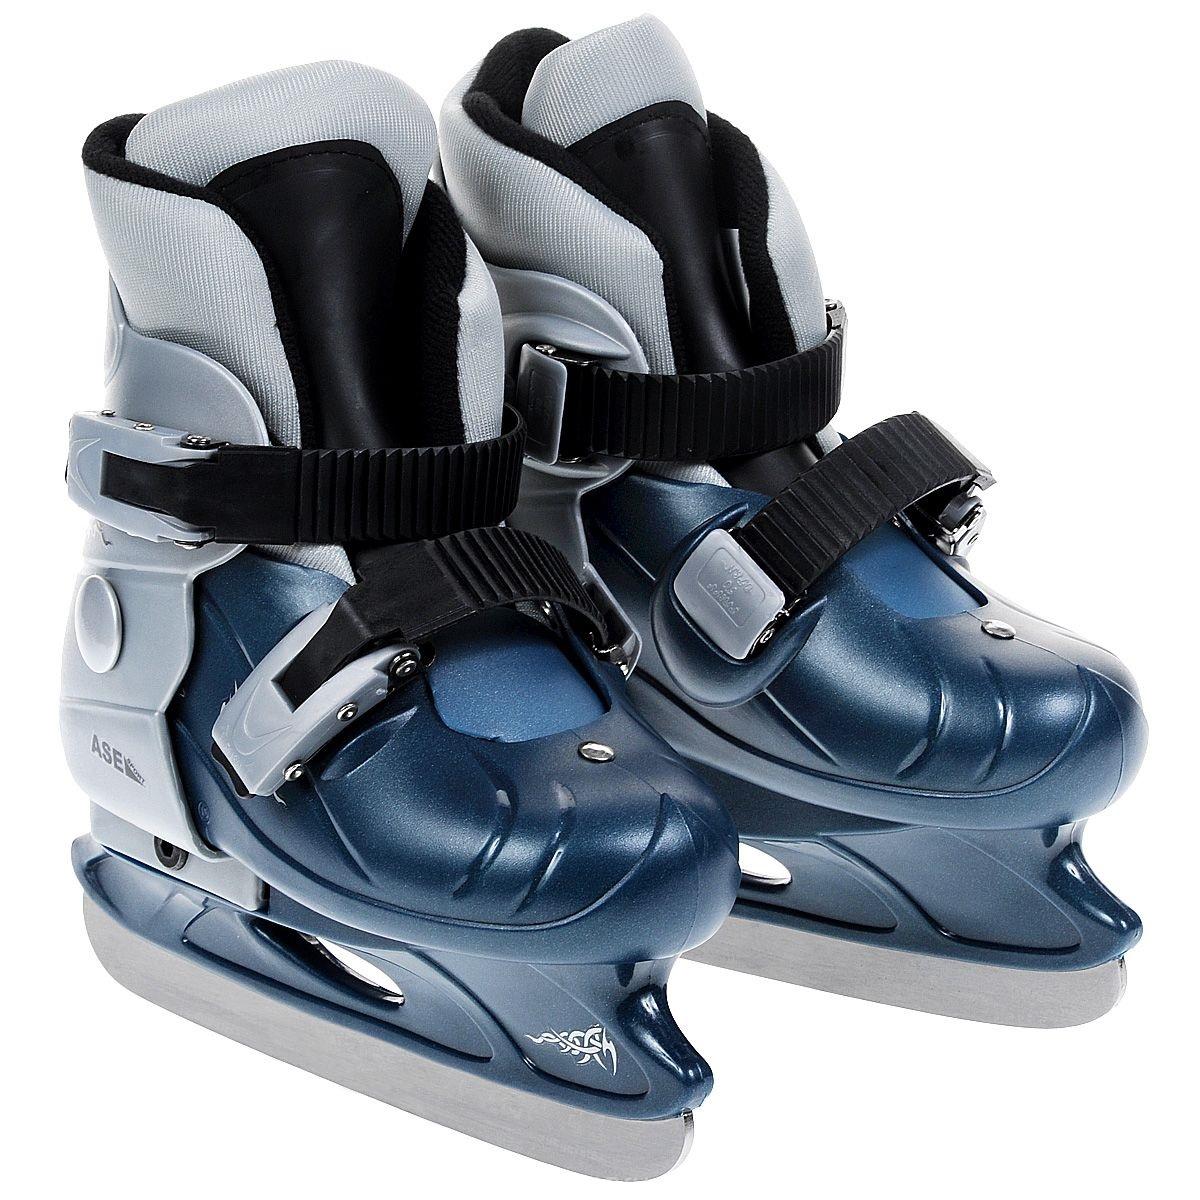 Коньки раздвижные ASE-SPORT Ase-Sport р.S (33-36) коньки ase sport коньки раздвижные ase 211 бело голубые xs 26 29